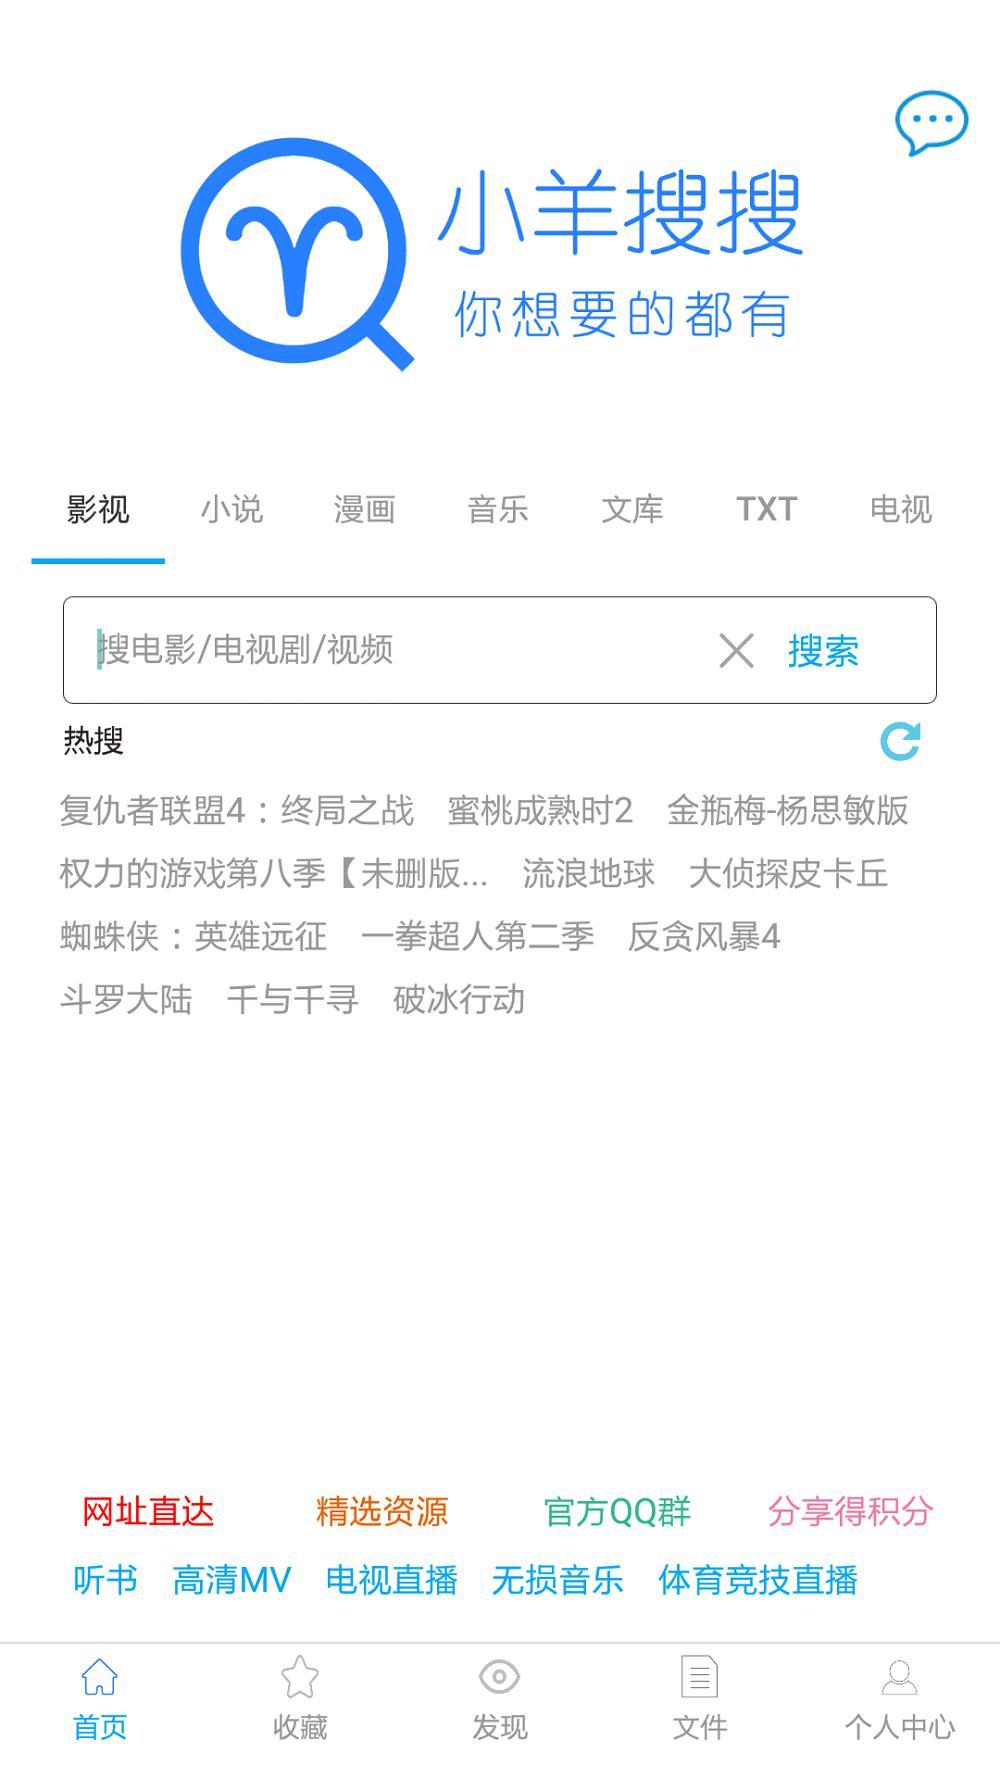 超牛神器 小羊搜搜 iOS+安卓-第1张图片-分享者 - 优质精品软件、互联网资源分享